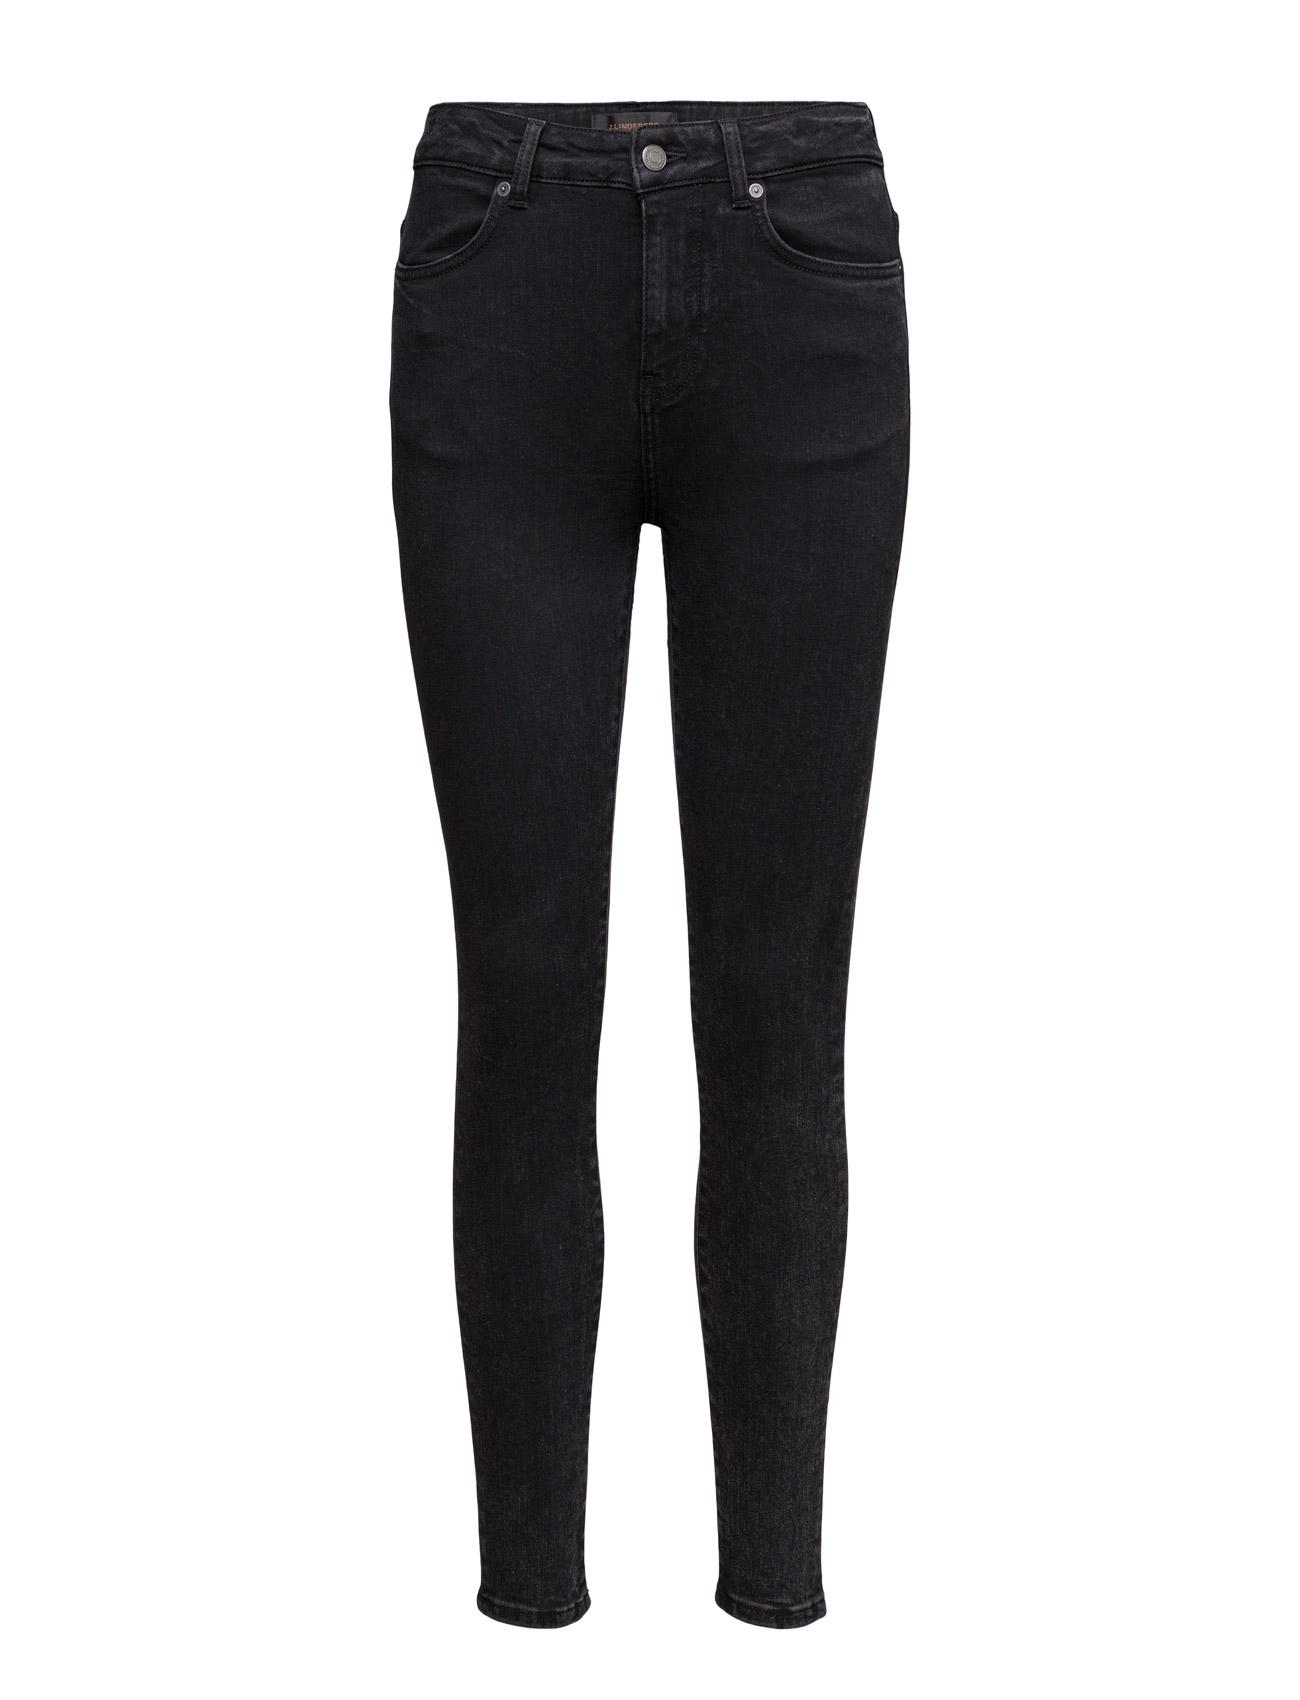 Grete High Grey Rush J. Lindeberg Jeans til Kvinder i